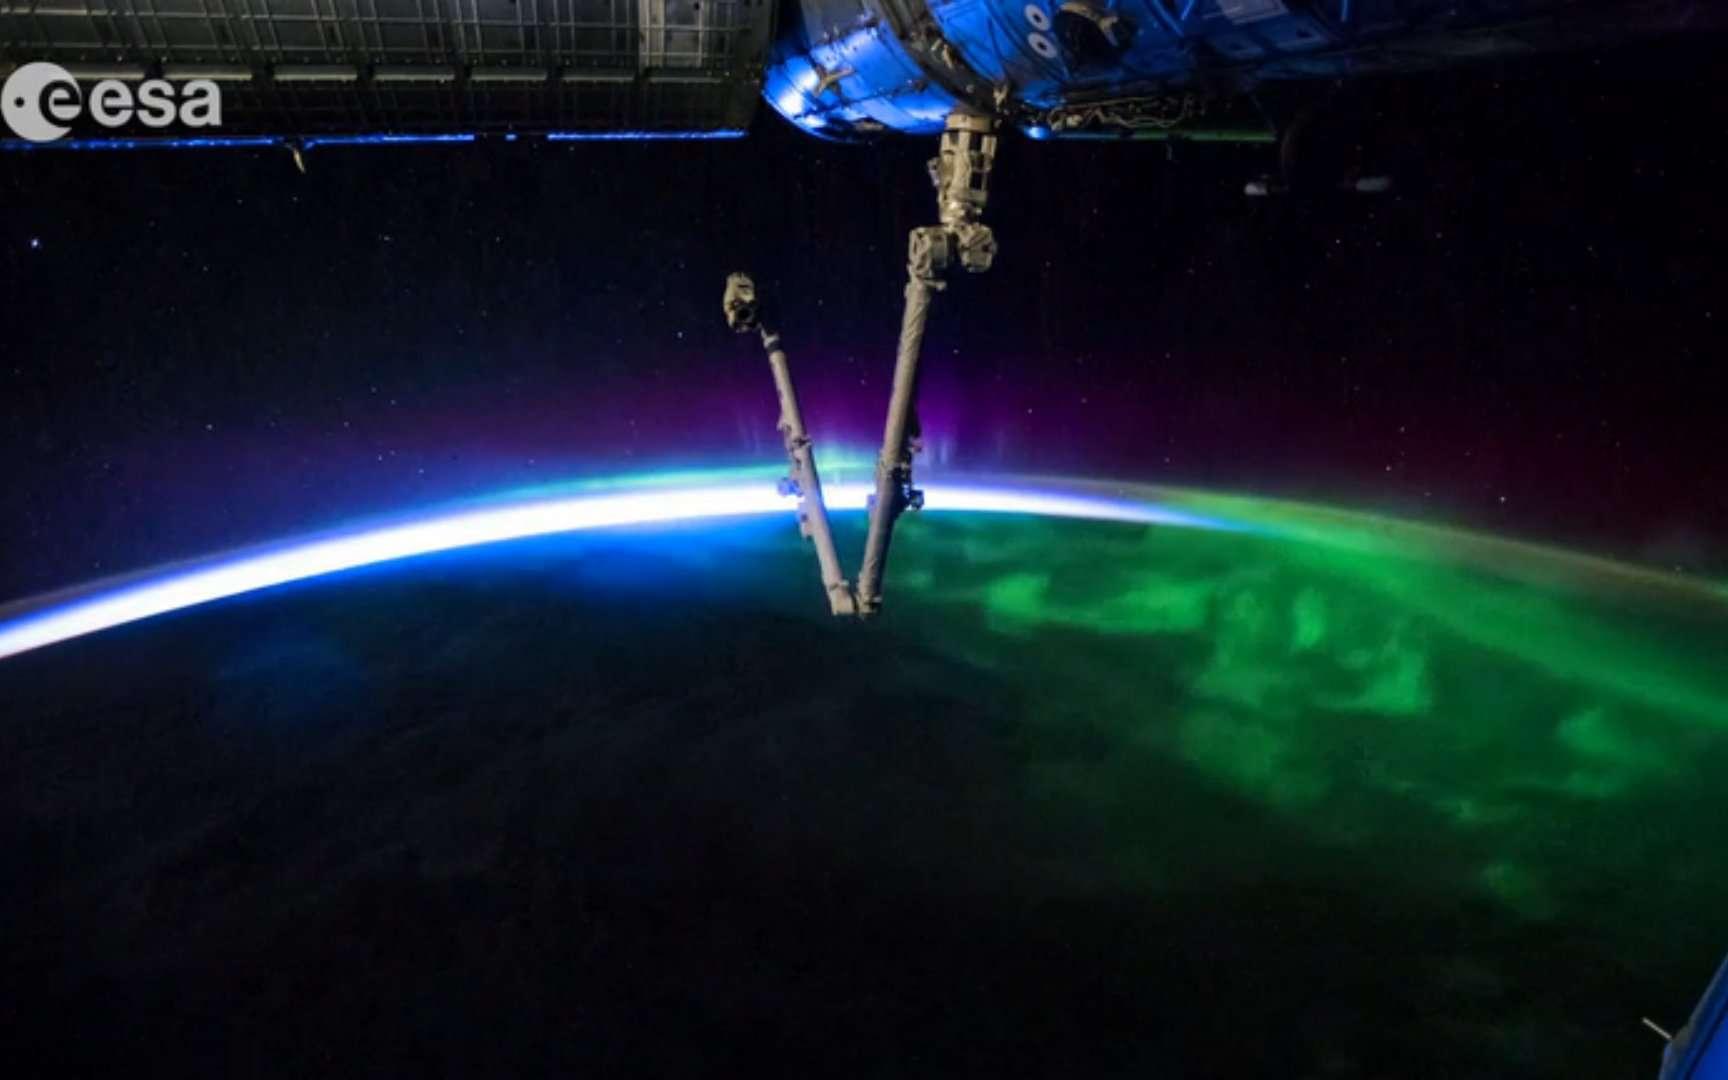 Des aurores polaires cèdent la place au lever du Soleil sous le bras robotisé Canadarm de la Station spatiale internationale. De quoi donner envie de s'installer dans l'ISS pour quelques jours de vacances contemplatives... © Esa